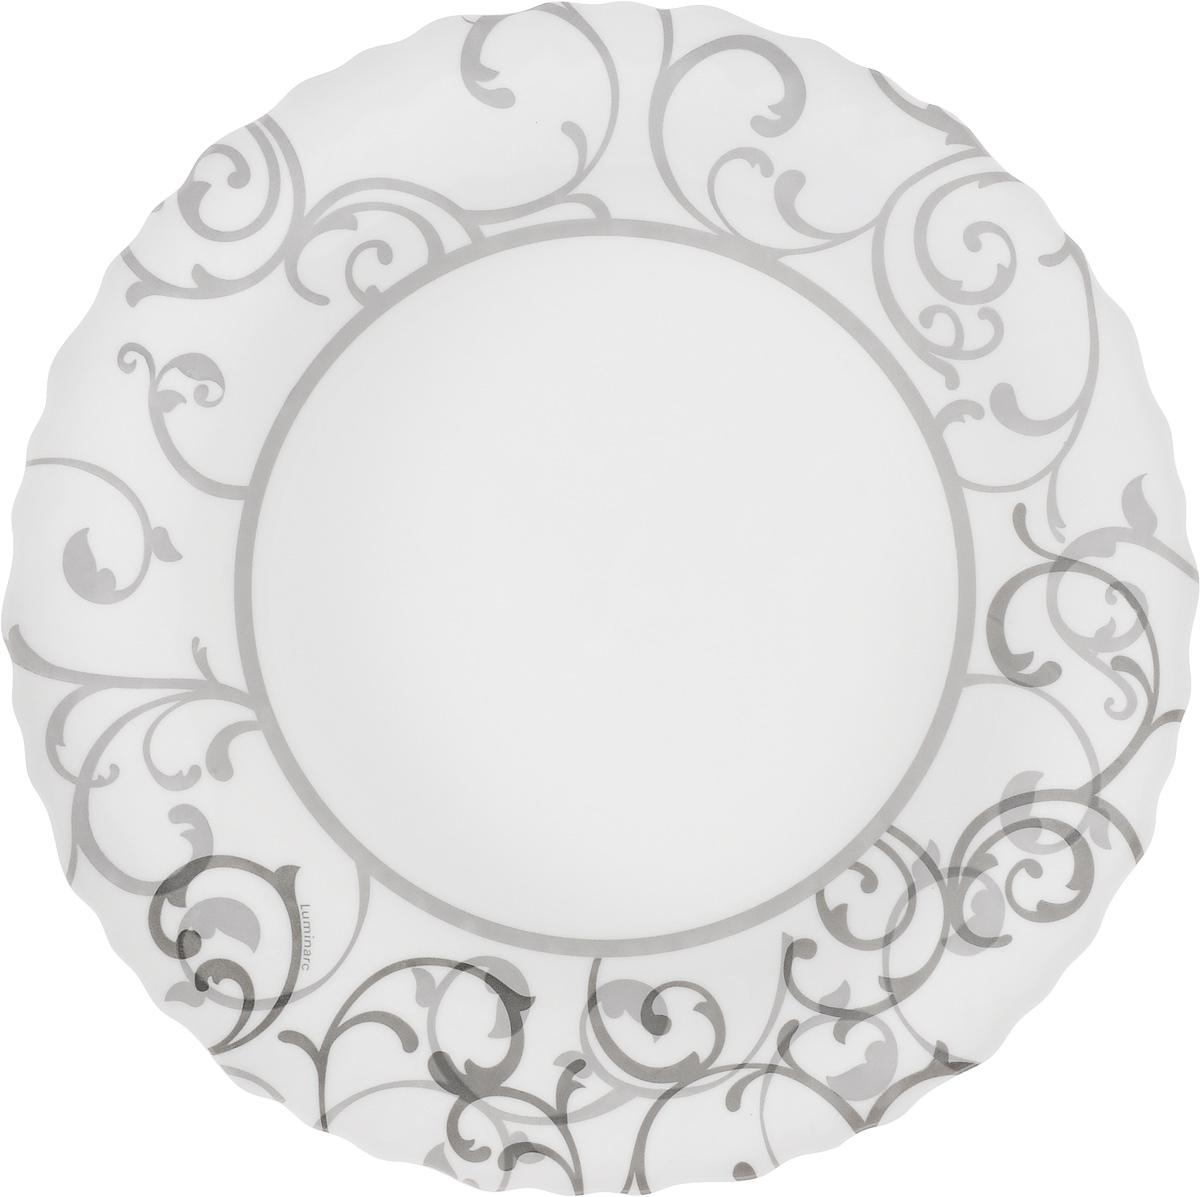 Тарелка десертная Luminarc Aliya, диаметр 19 см54 009312Тарелка десертная Luminarc Aliya изготовлена из ударопрочного стекла и декорирована красивым узором. Такая тарелка прекрасно подходит как для торжественных случаев, так и для повседневного использования. Идеальна для подачи десертов, пирожных, тортов и многого другого. Она прекрасно оформит стол и станет отличным дополнением к вашей коллекции кухонной посуды. Изделие можно мыть в посудомоечной машине, ставить в микроволновую печь и холодильник. Диаметр тарелки: 19 см.